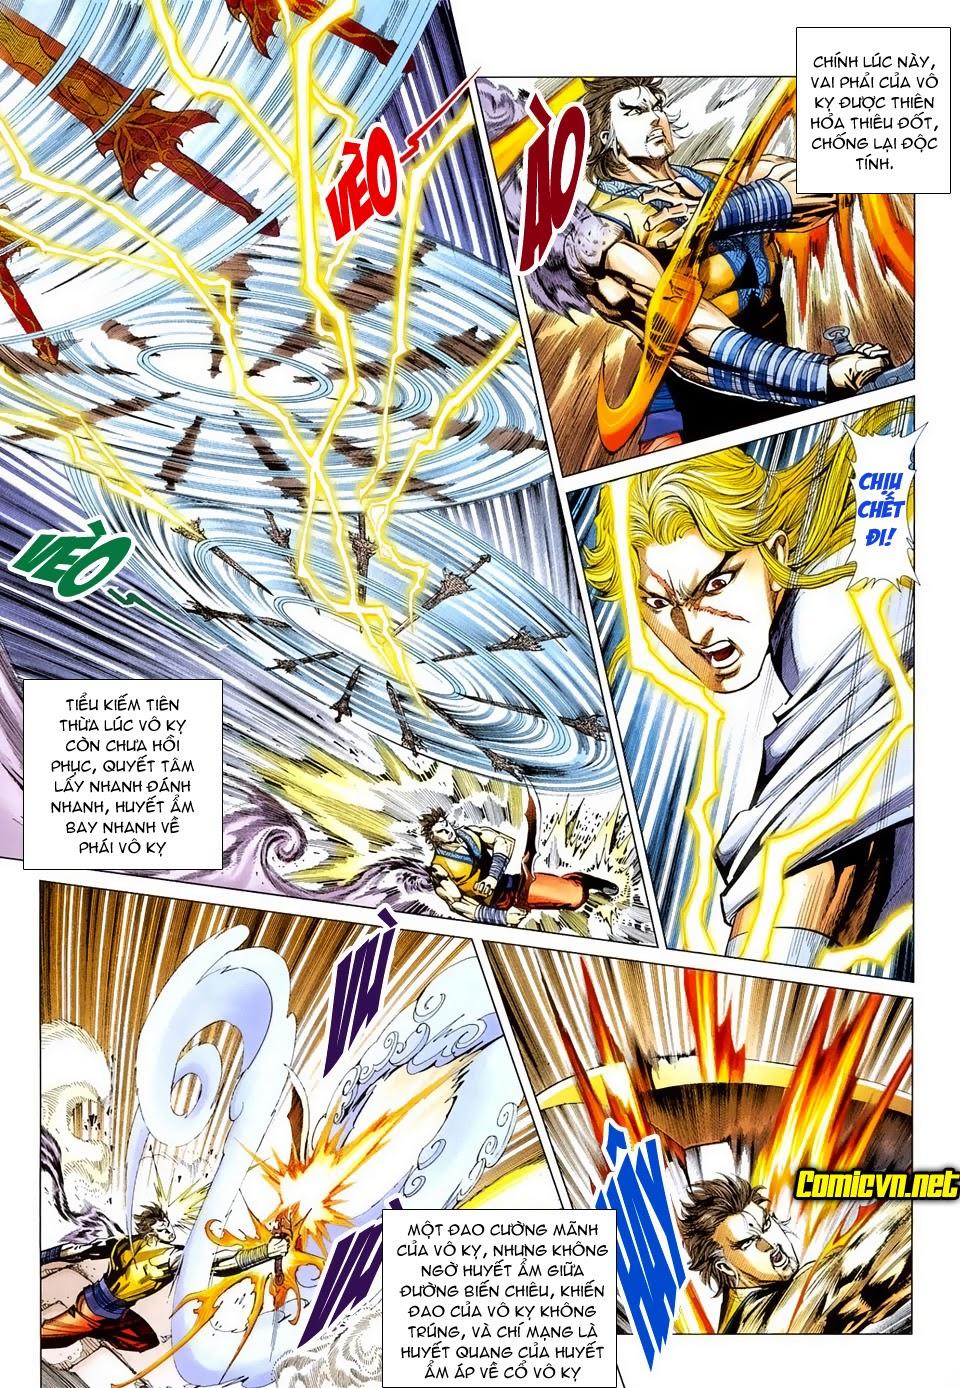 Thiên Hạ Vô Địch Tiểu Kiếm Tiên chap 31 - Trang 8